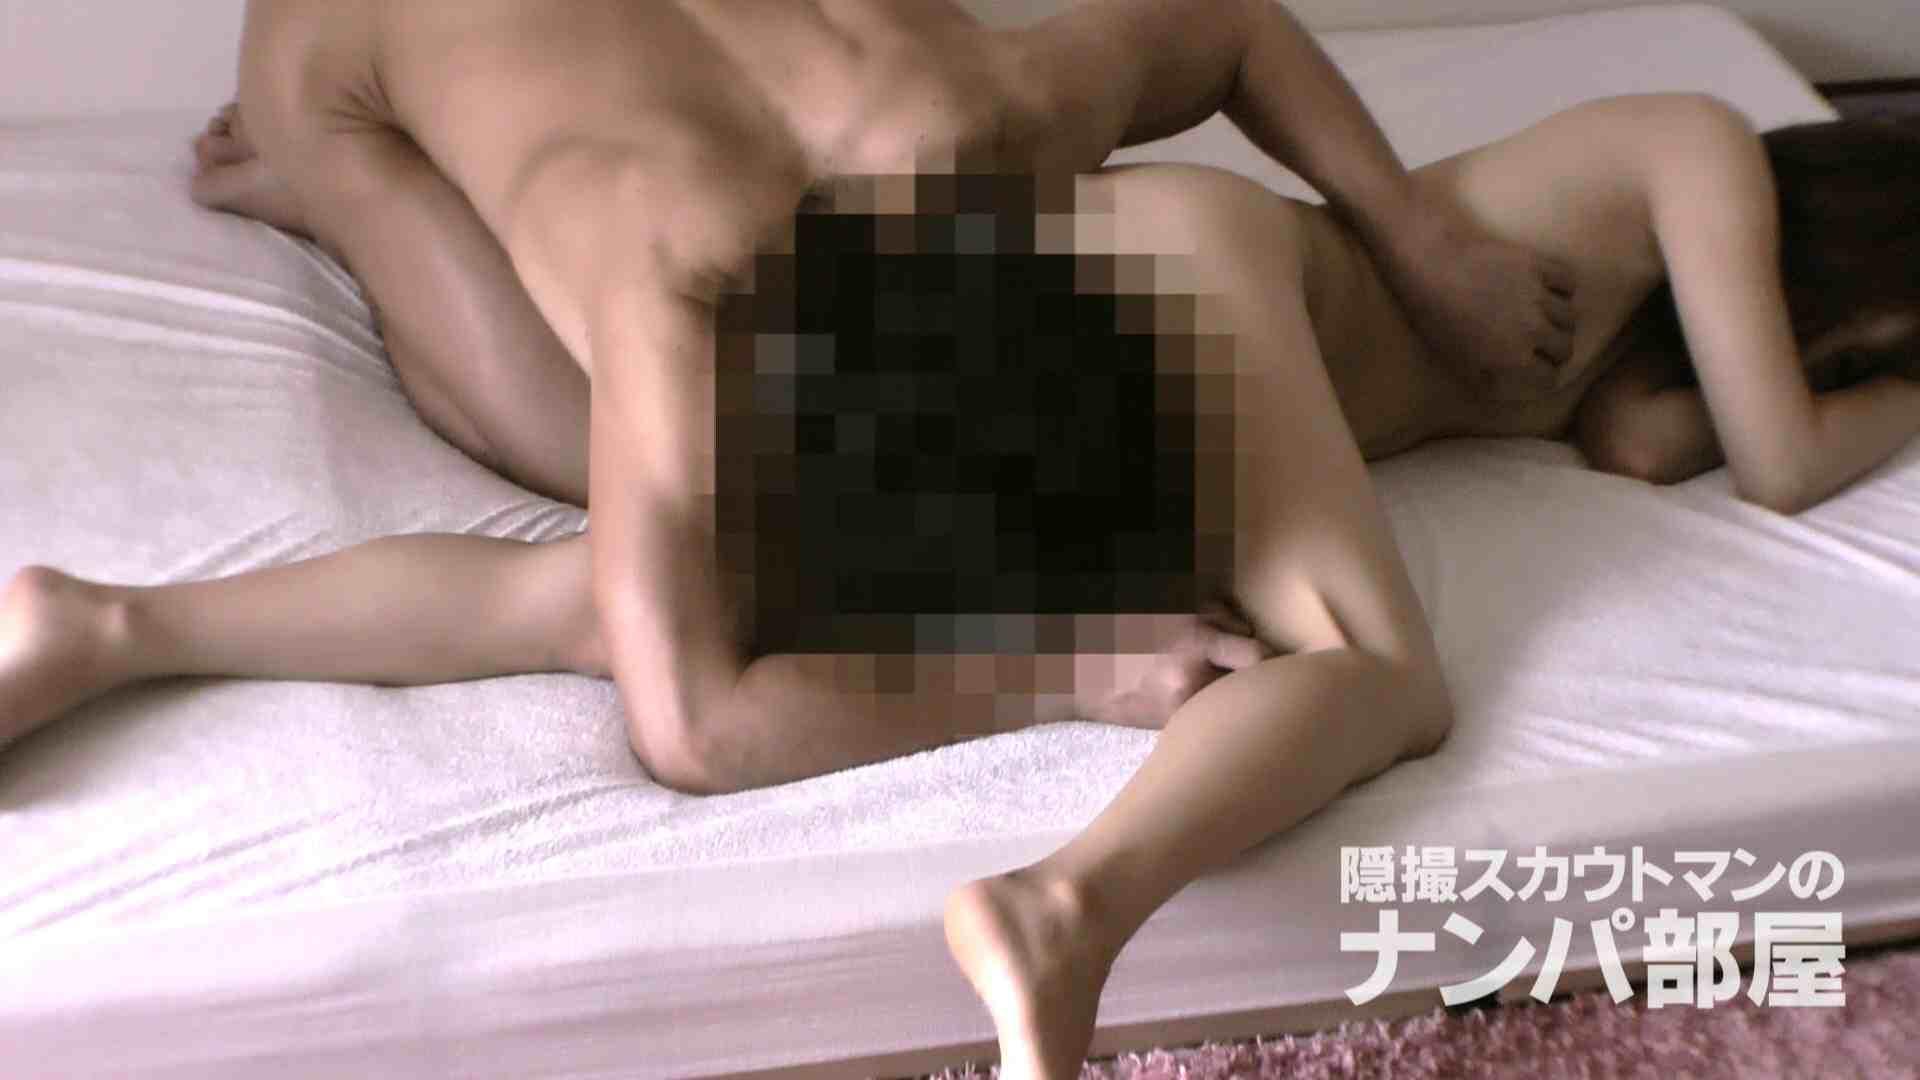 隠撮スカウトマンのナンパ部屋~風俗デビュー前のつまみ食い~ siivol.4 ナンパ | 中出し  59連発 41